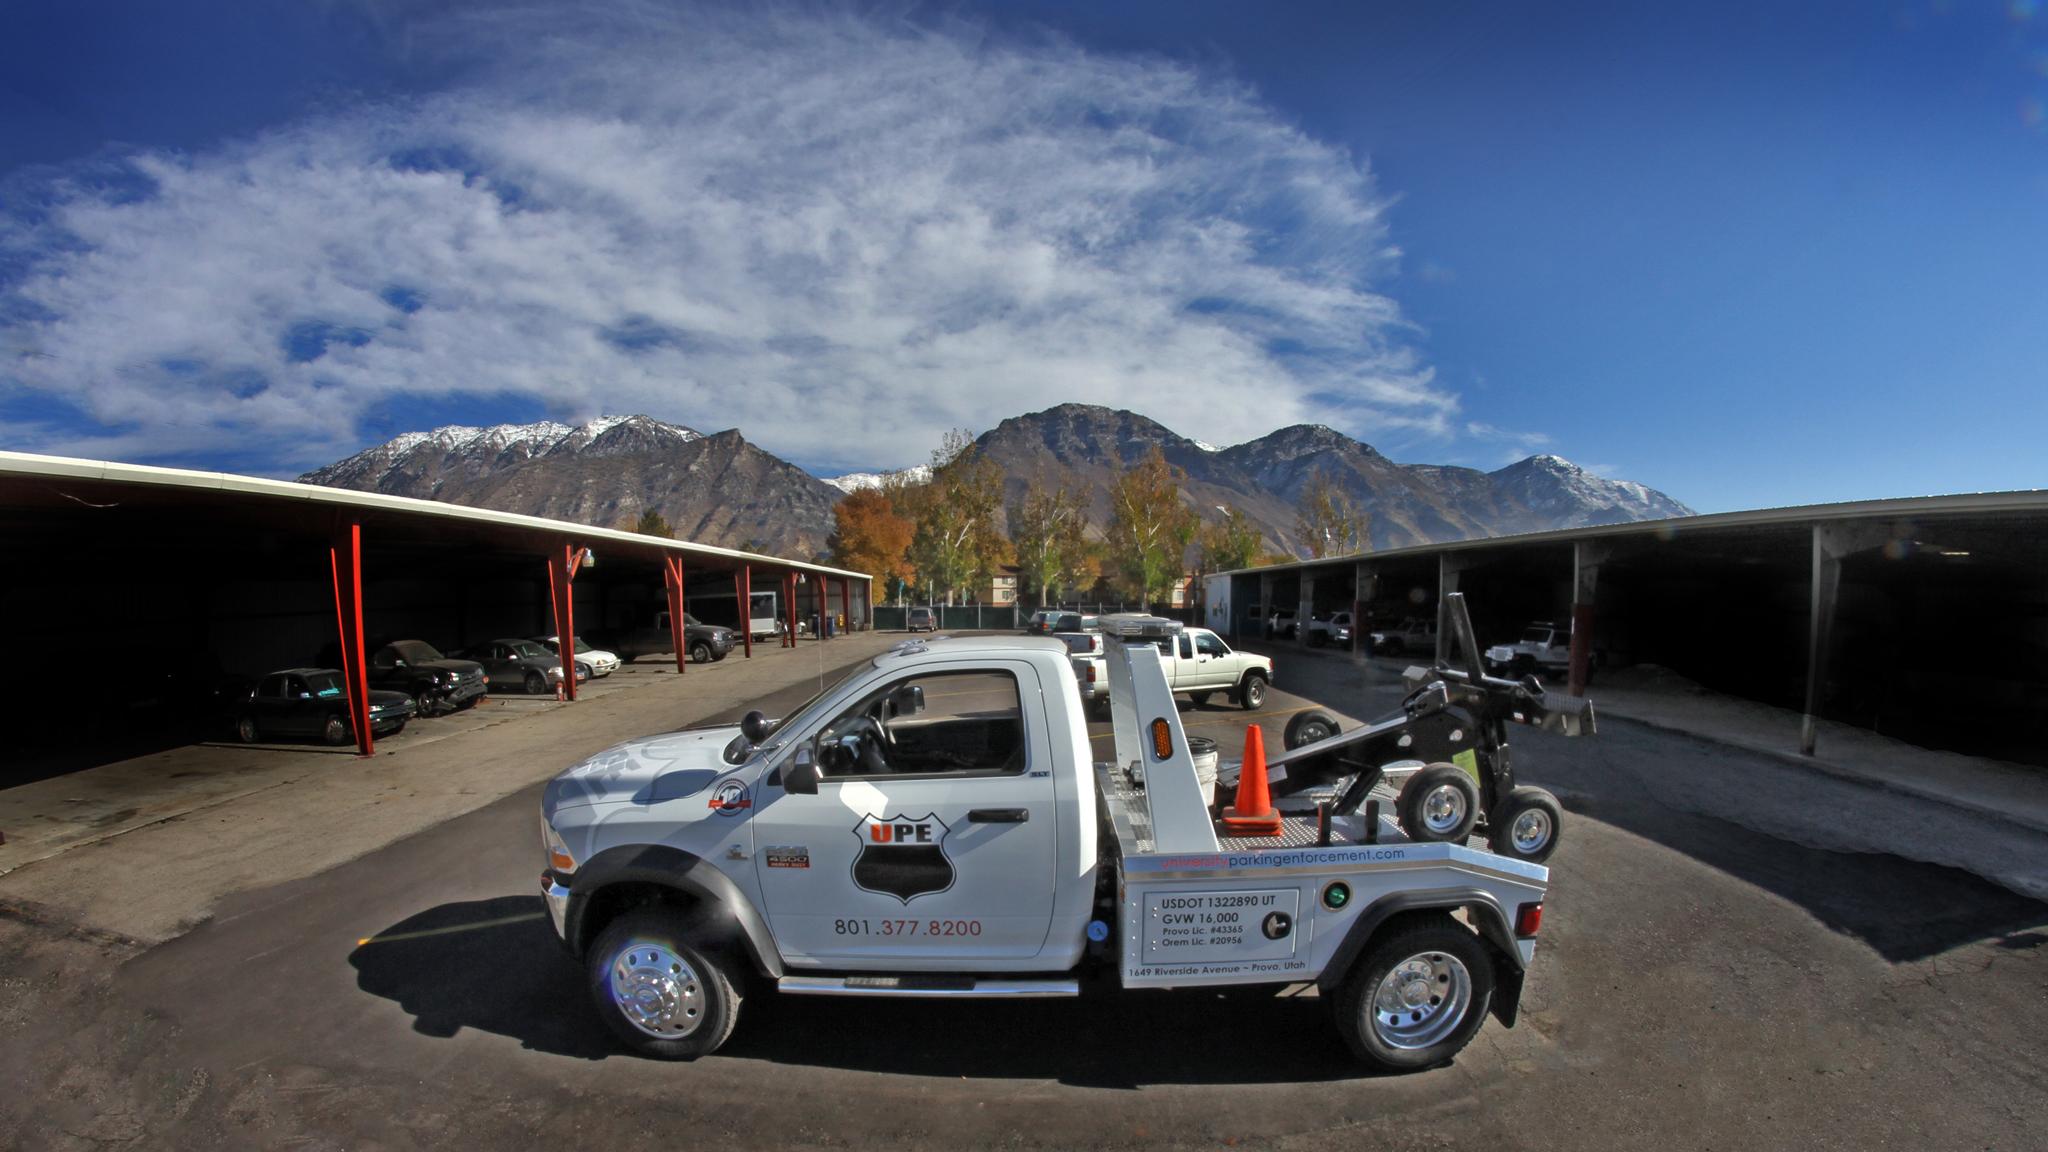 University Parking Enforcement